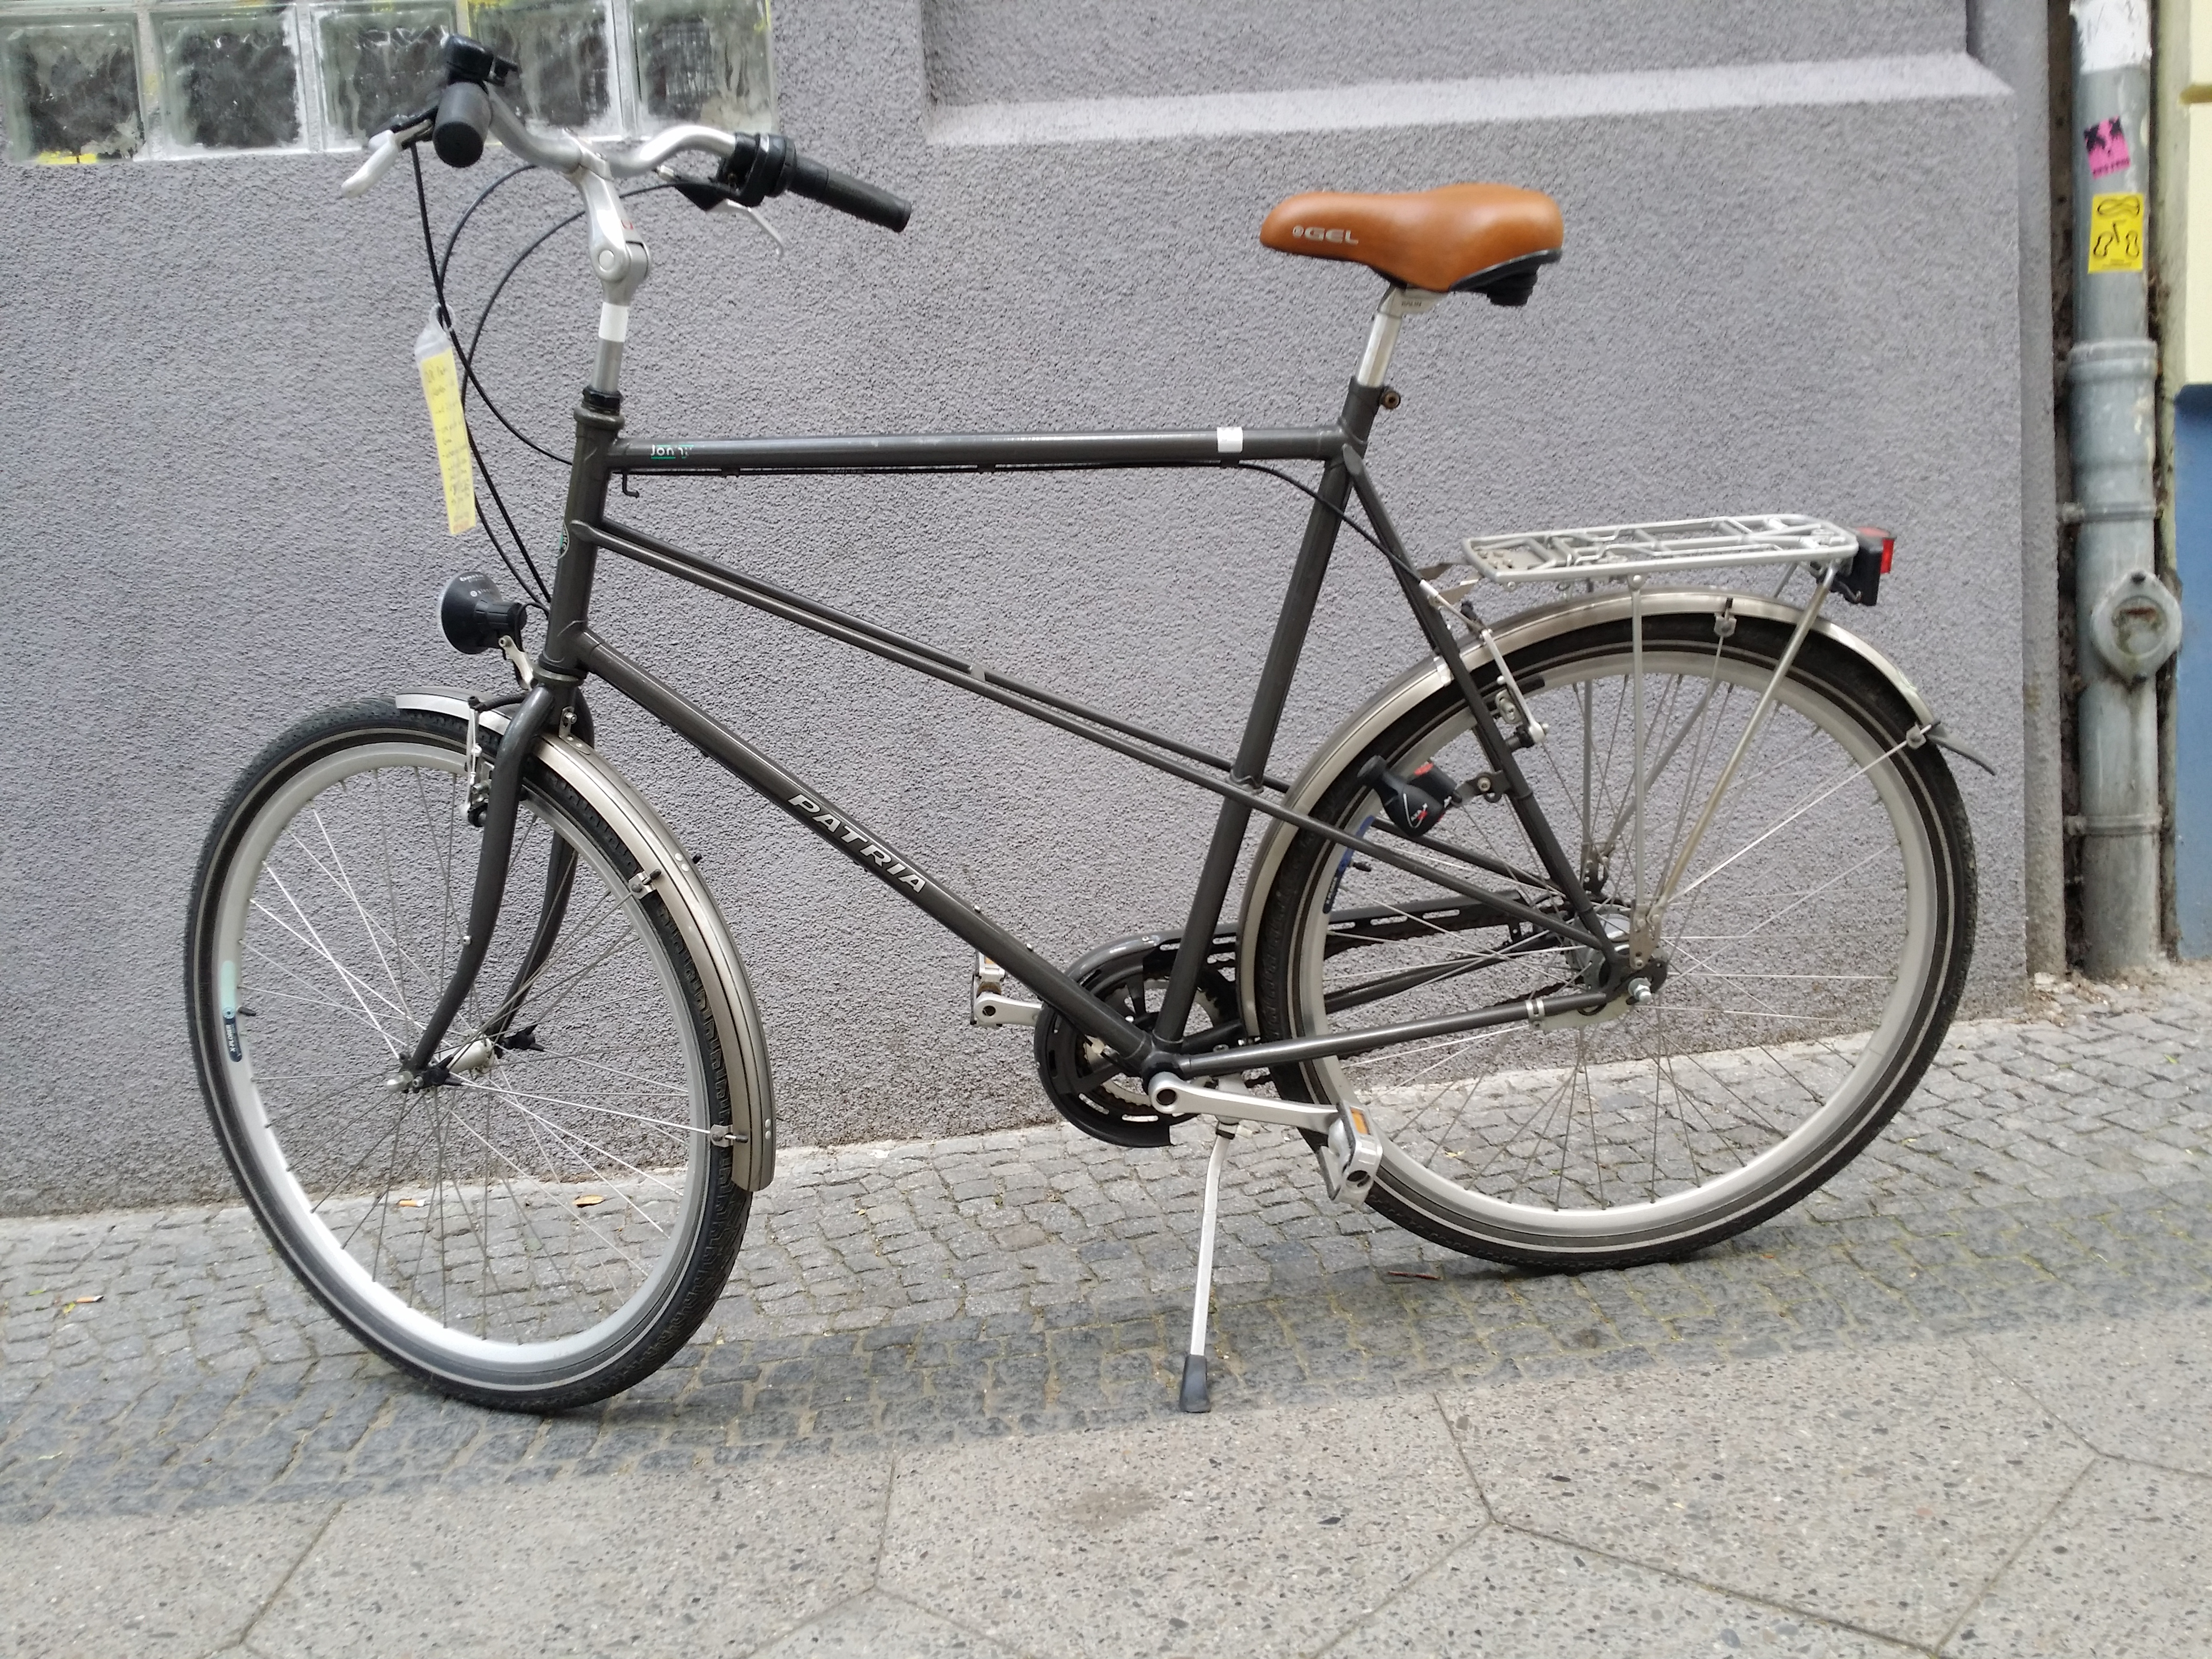 Fahrrad mit besonders großen Rahmen